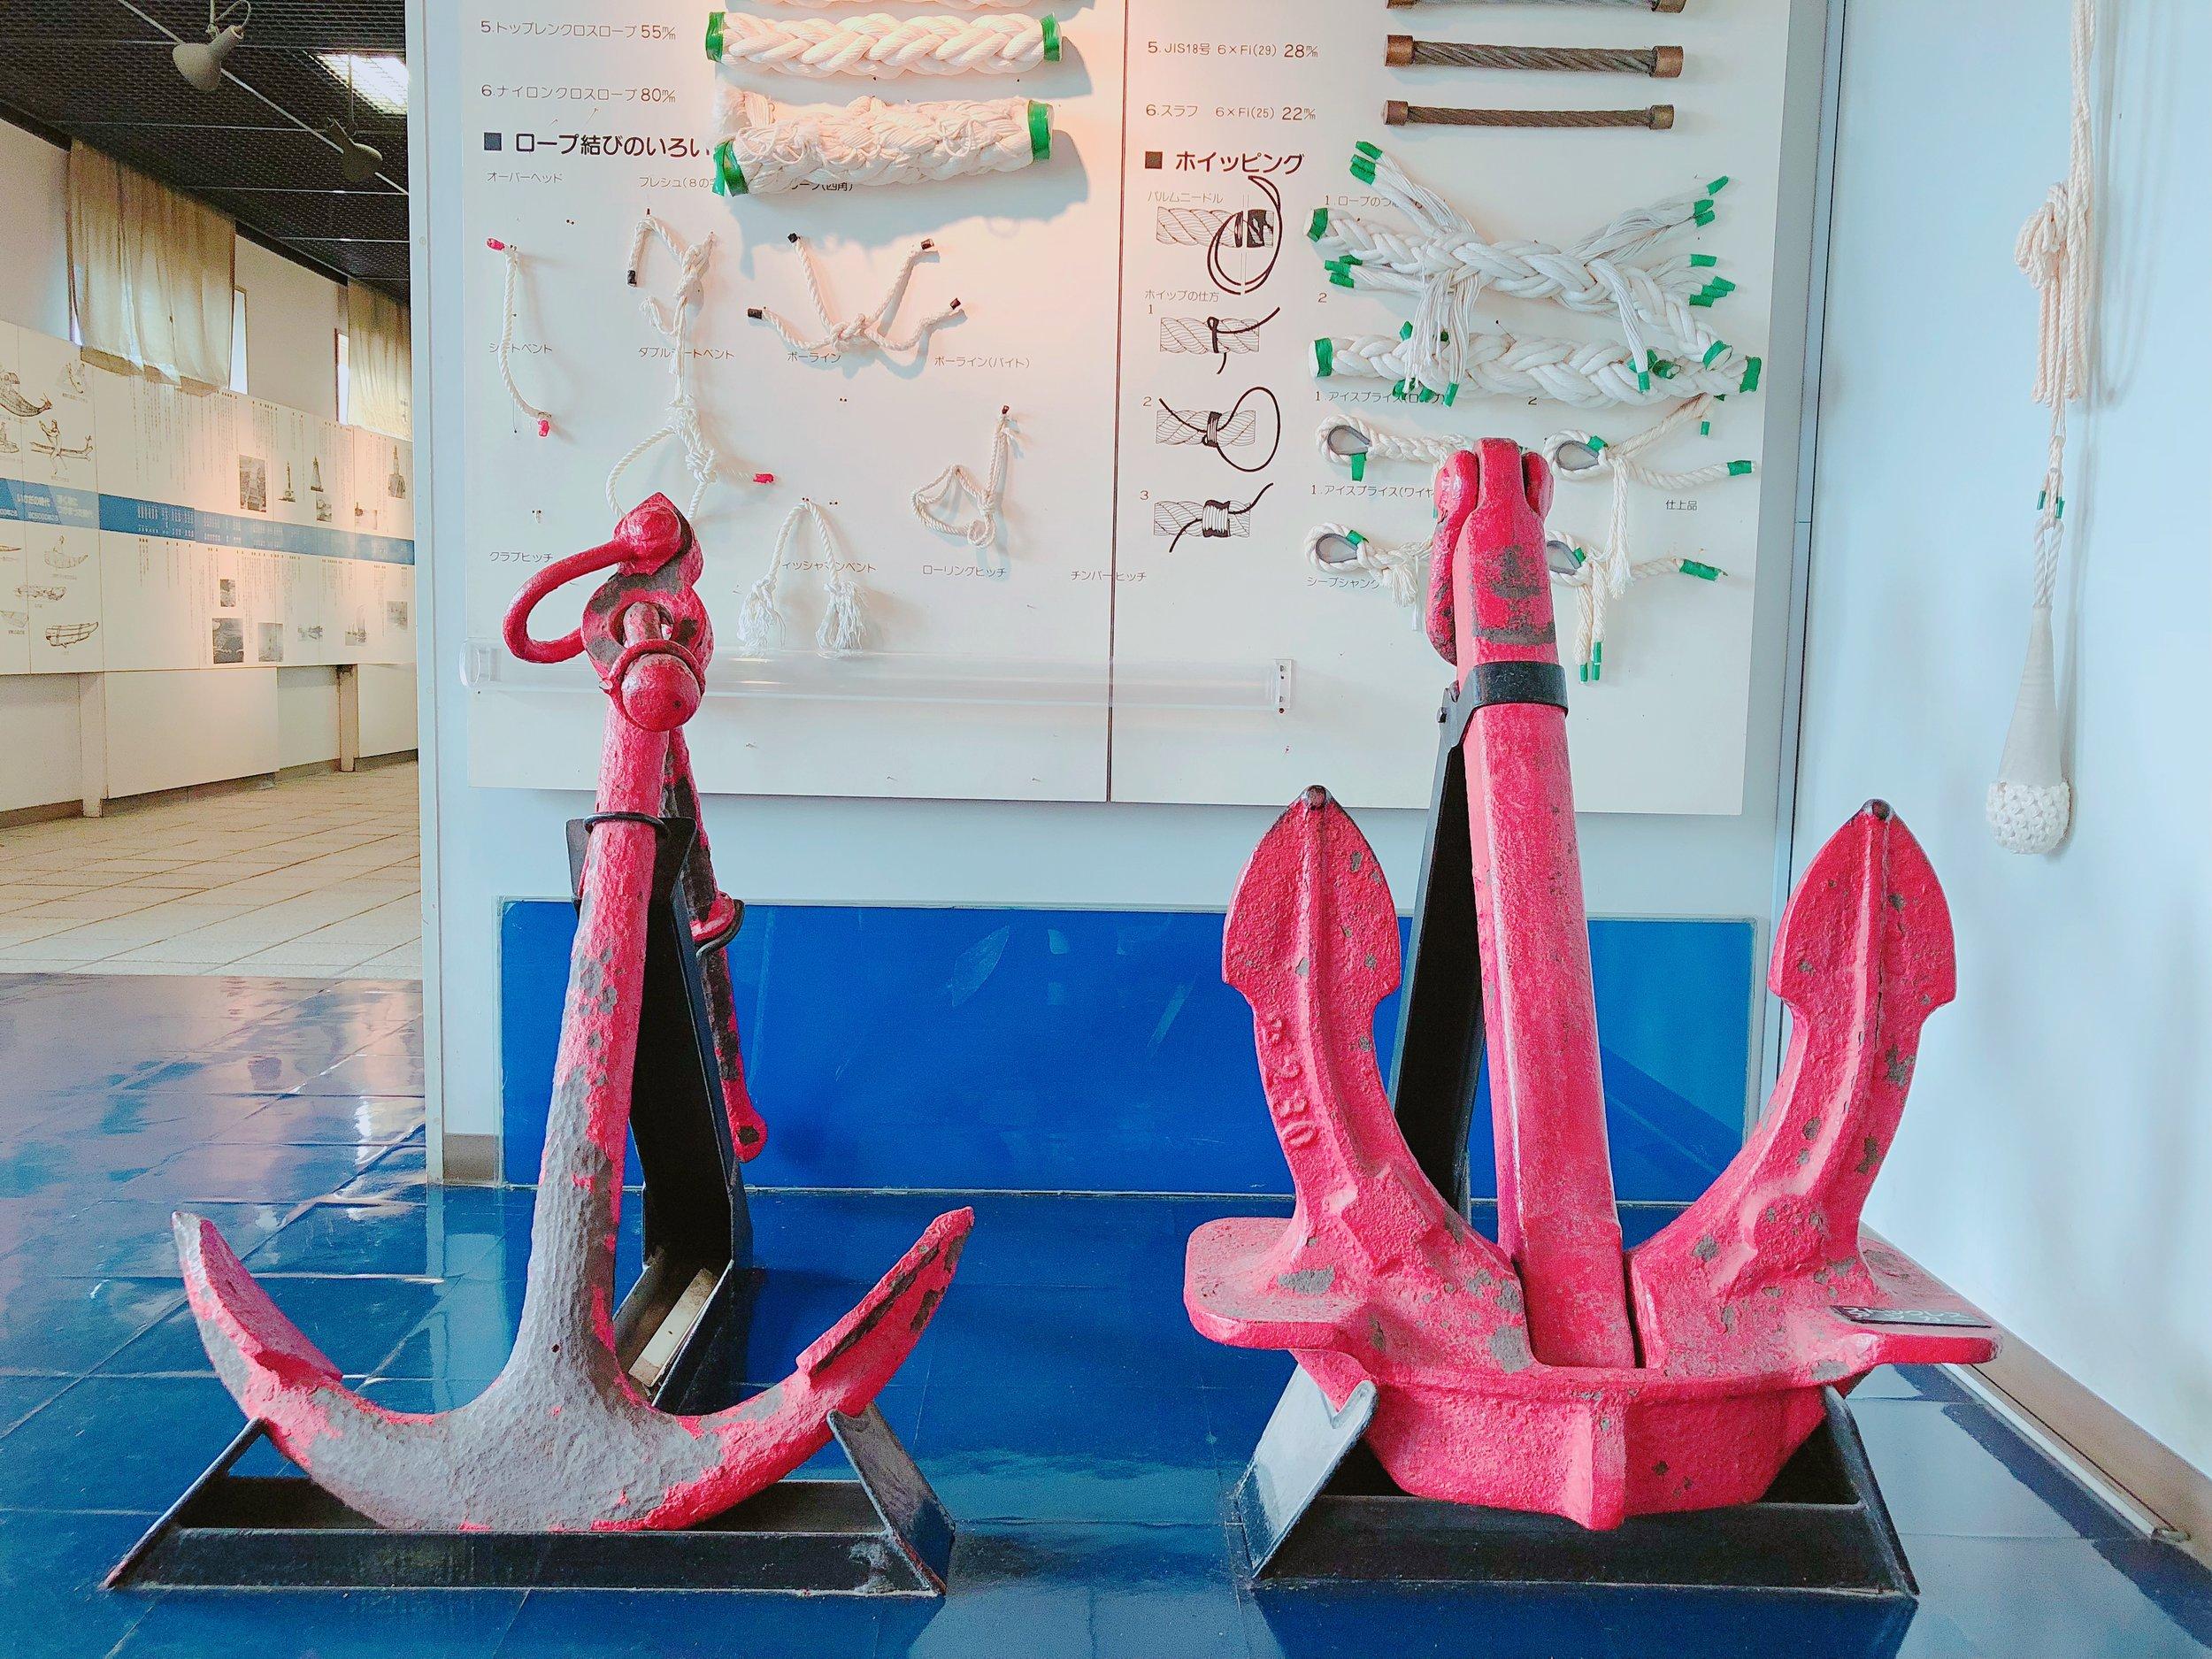 新潟県港湾資料室 ストックアンカー(左)とストックレスアンカー(右)